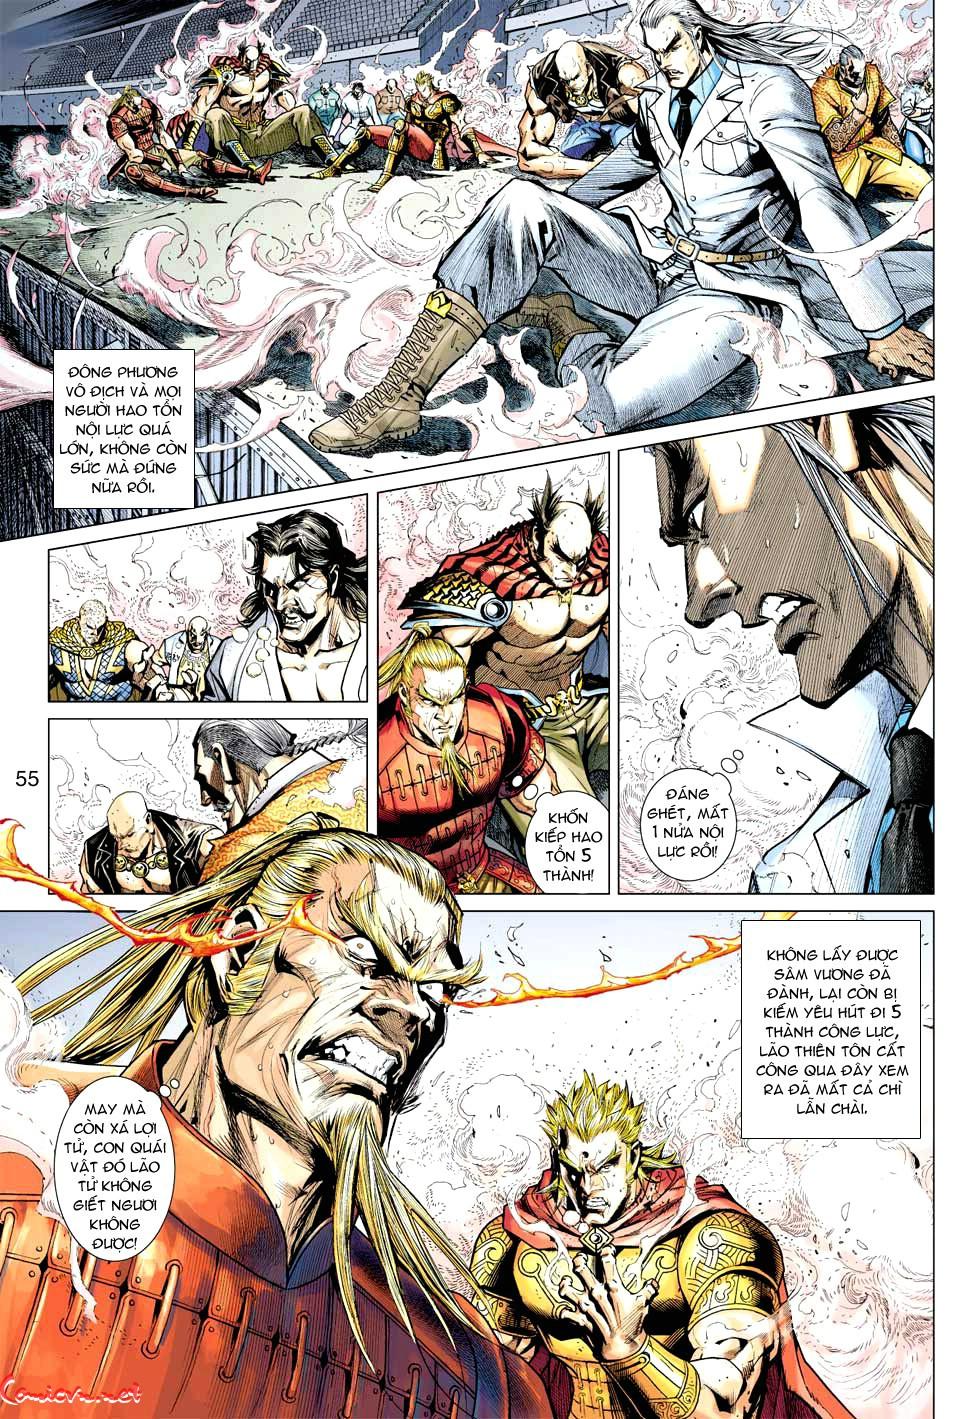 Vương Phong Lôi 1 chap 35 - Trang 12